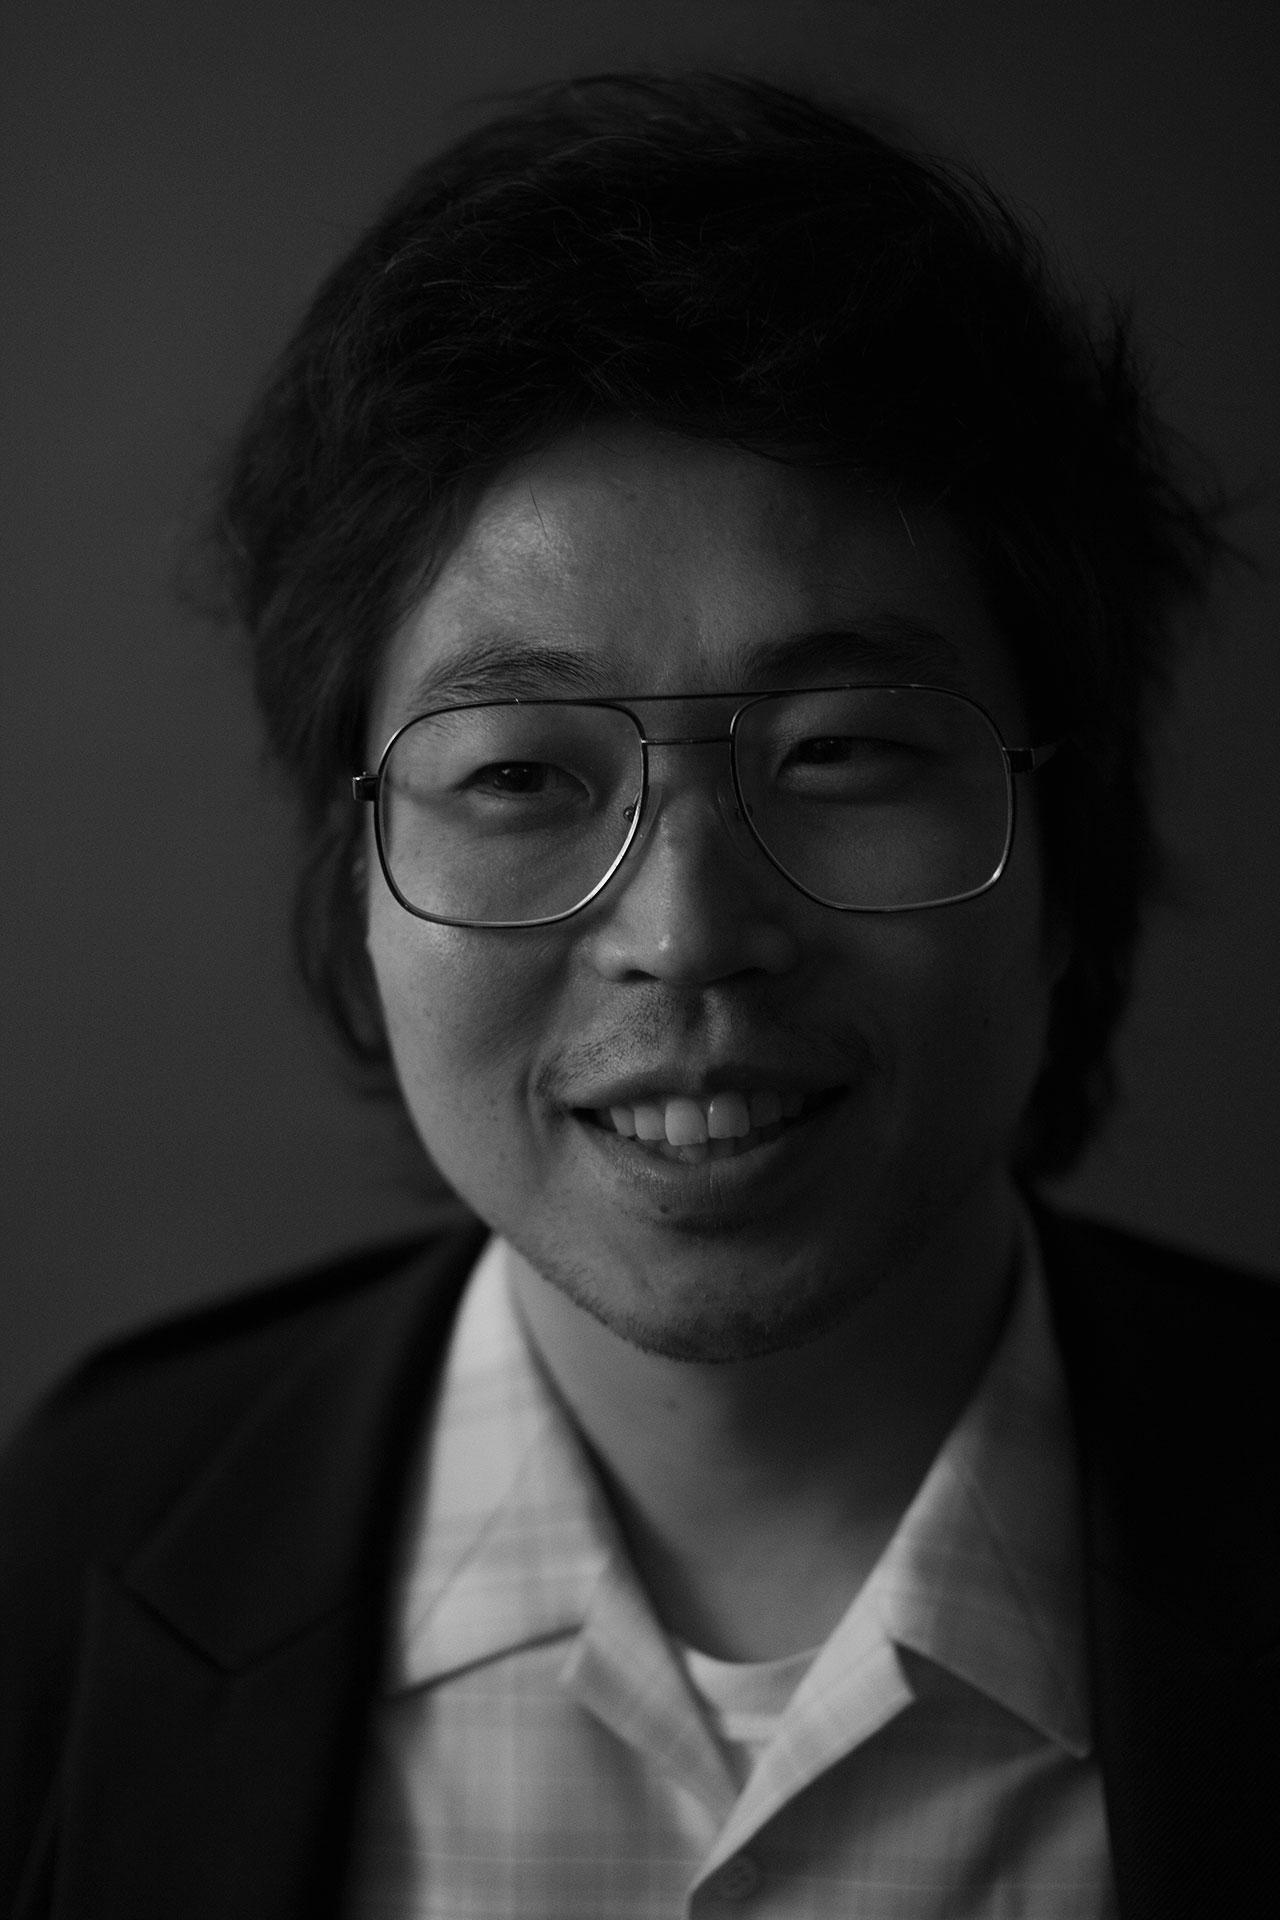 Photo by Yusuke Miyashita